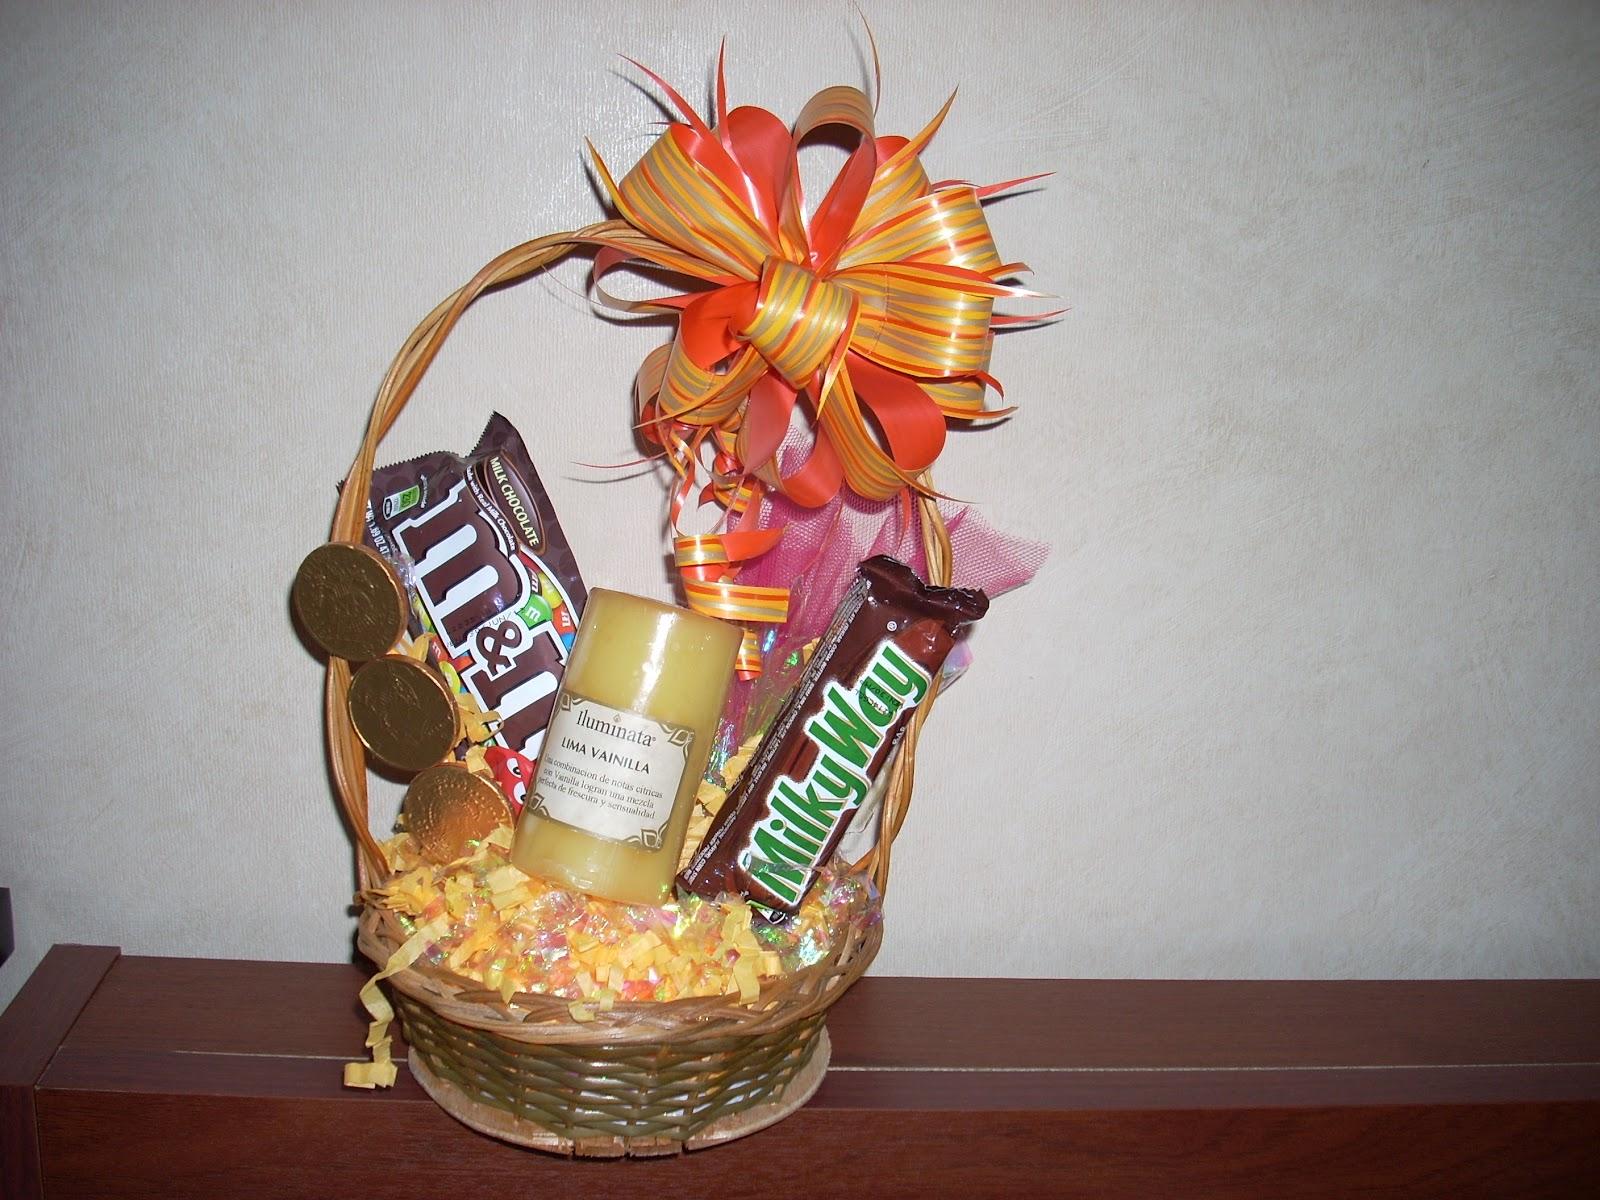 Decora tu regalo canastas con dulces y detalle - Como adornar cestas de mimbre ...